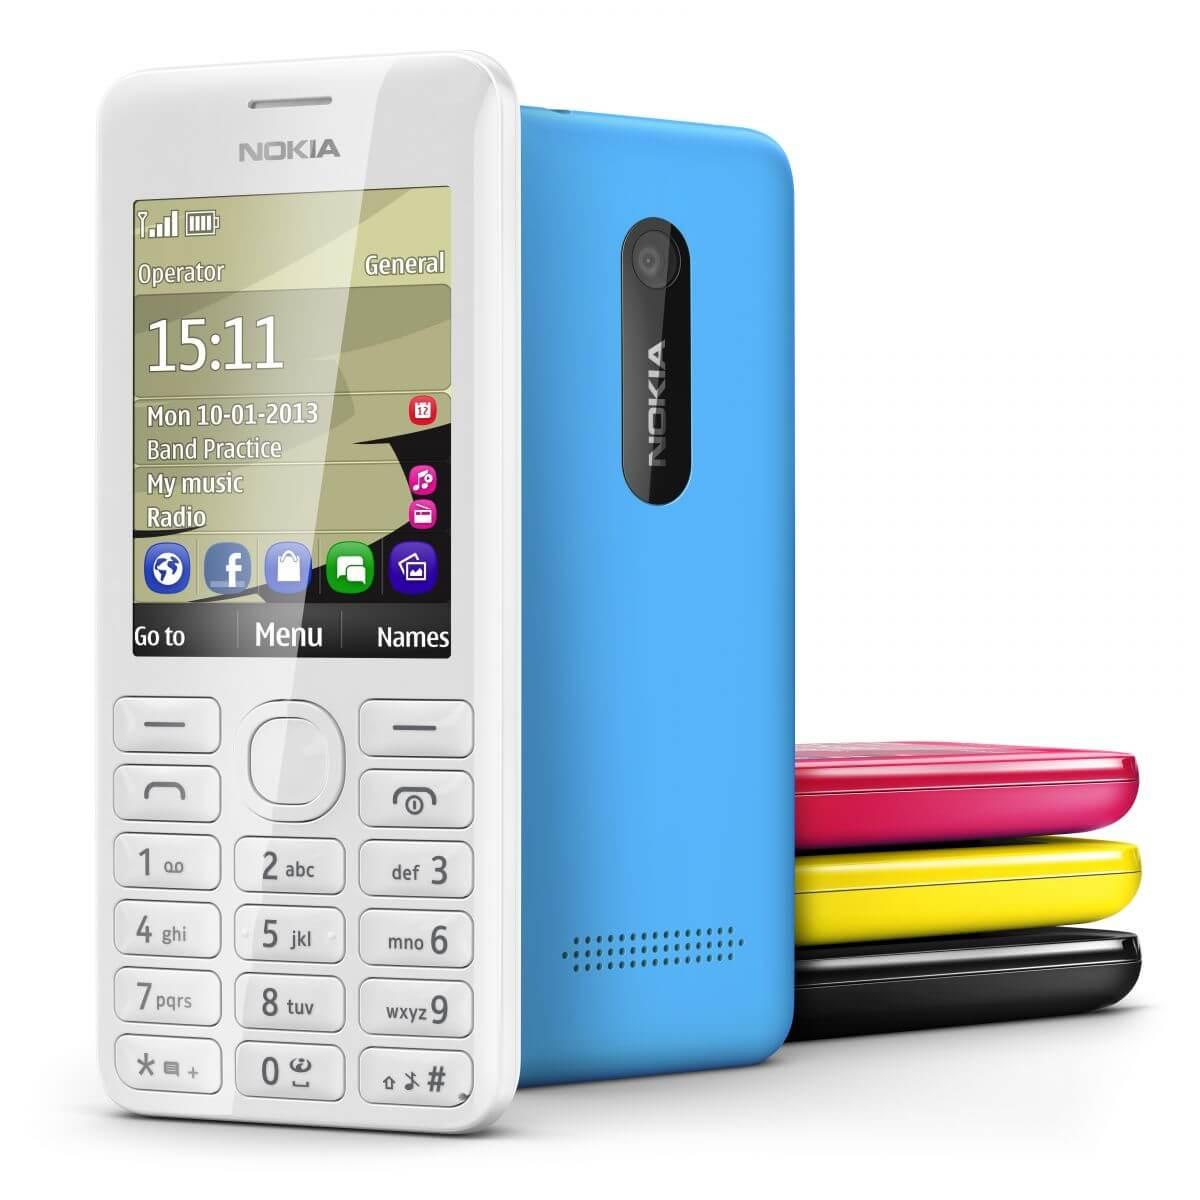 Выпущен телефон Nokia 206